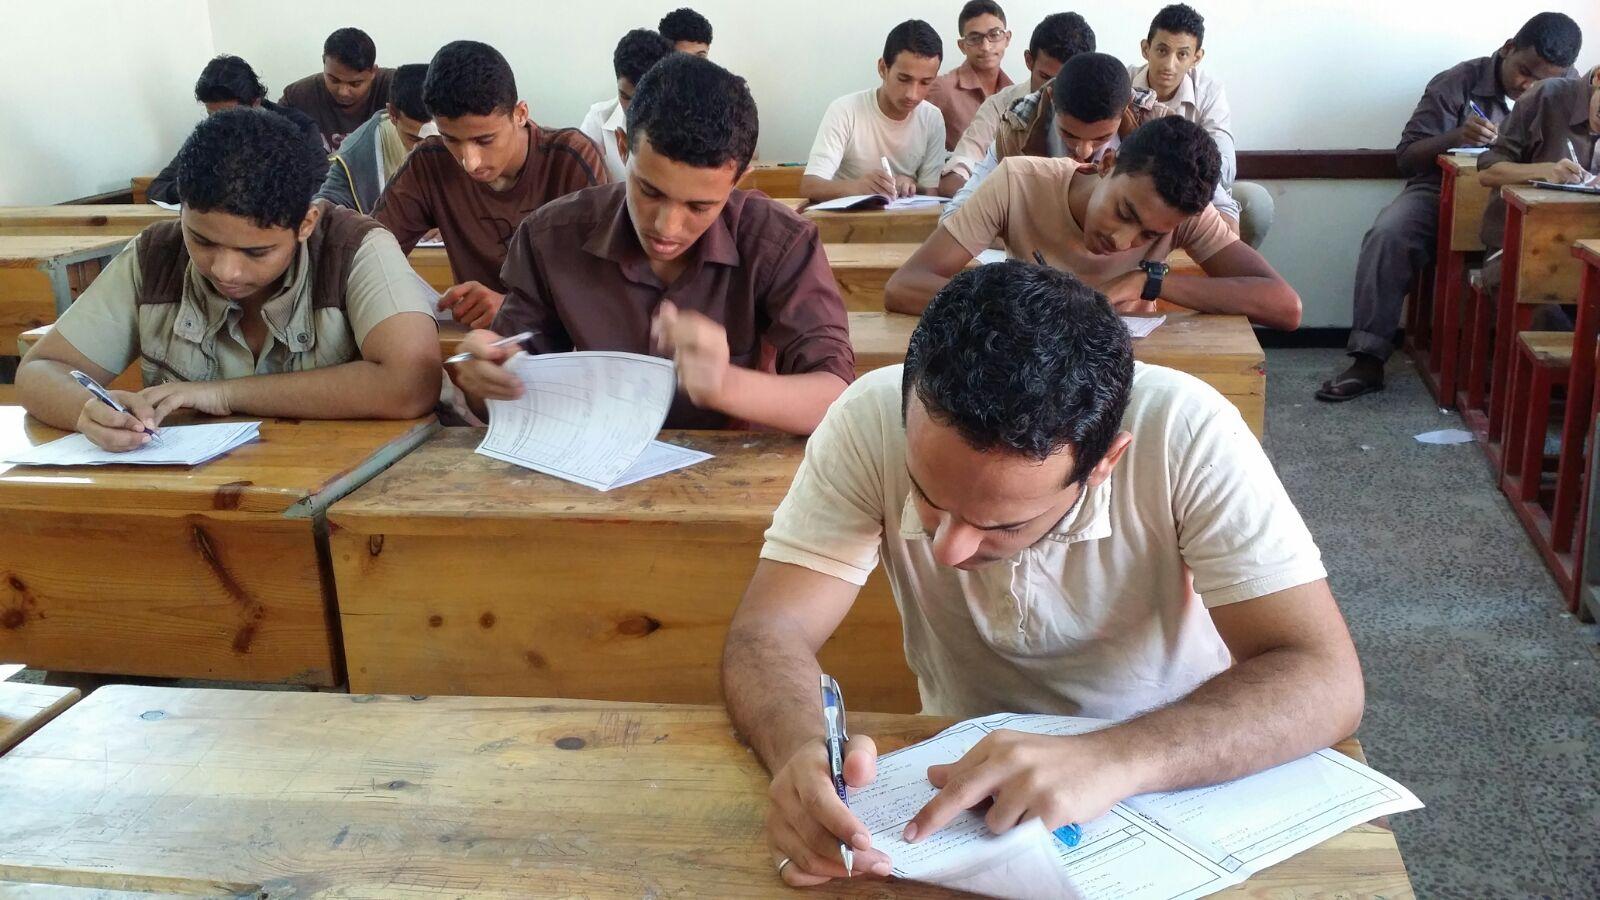 نتيجة بحث الصور عن غش الامتحانات